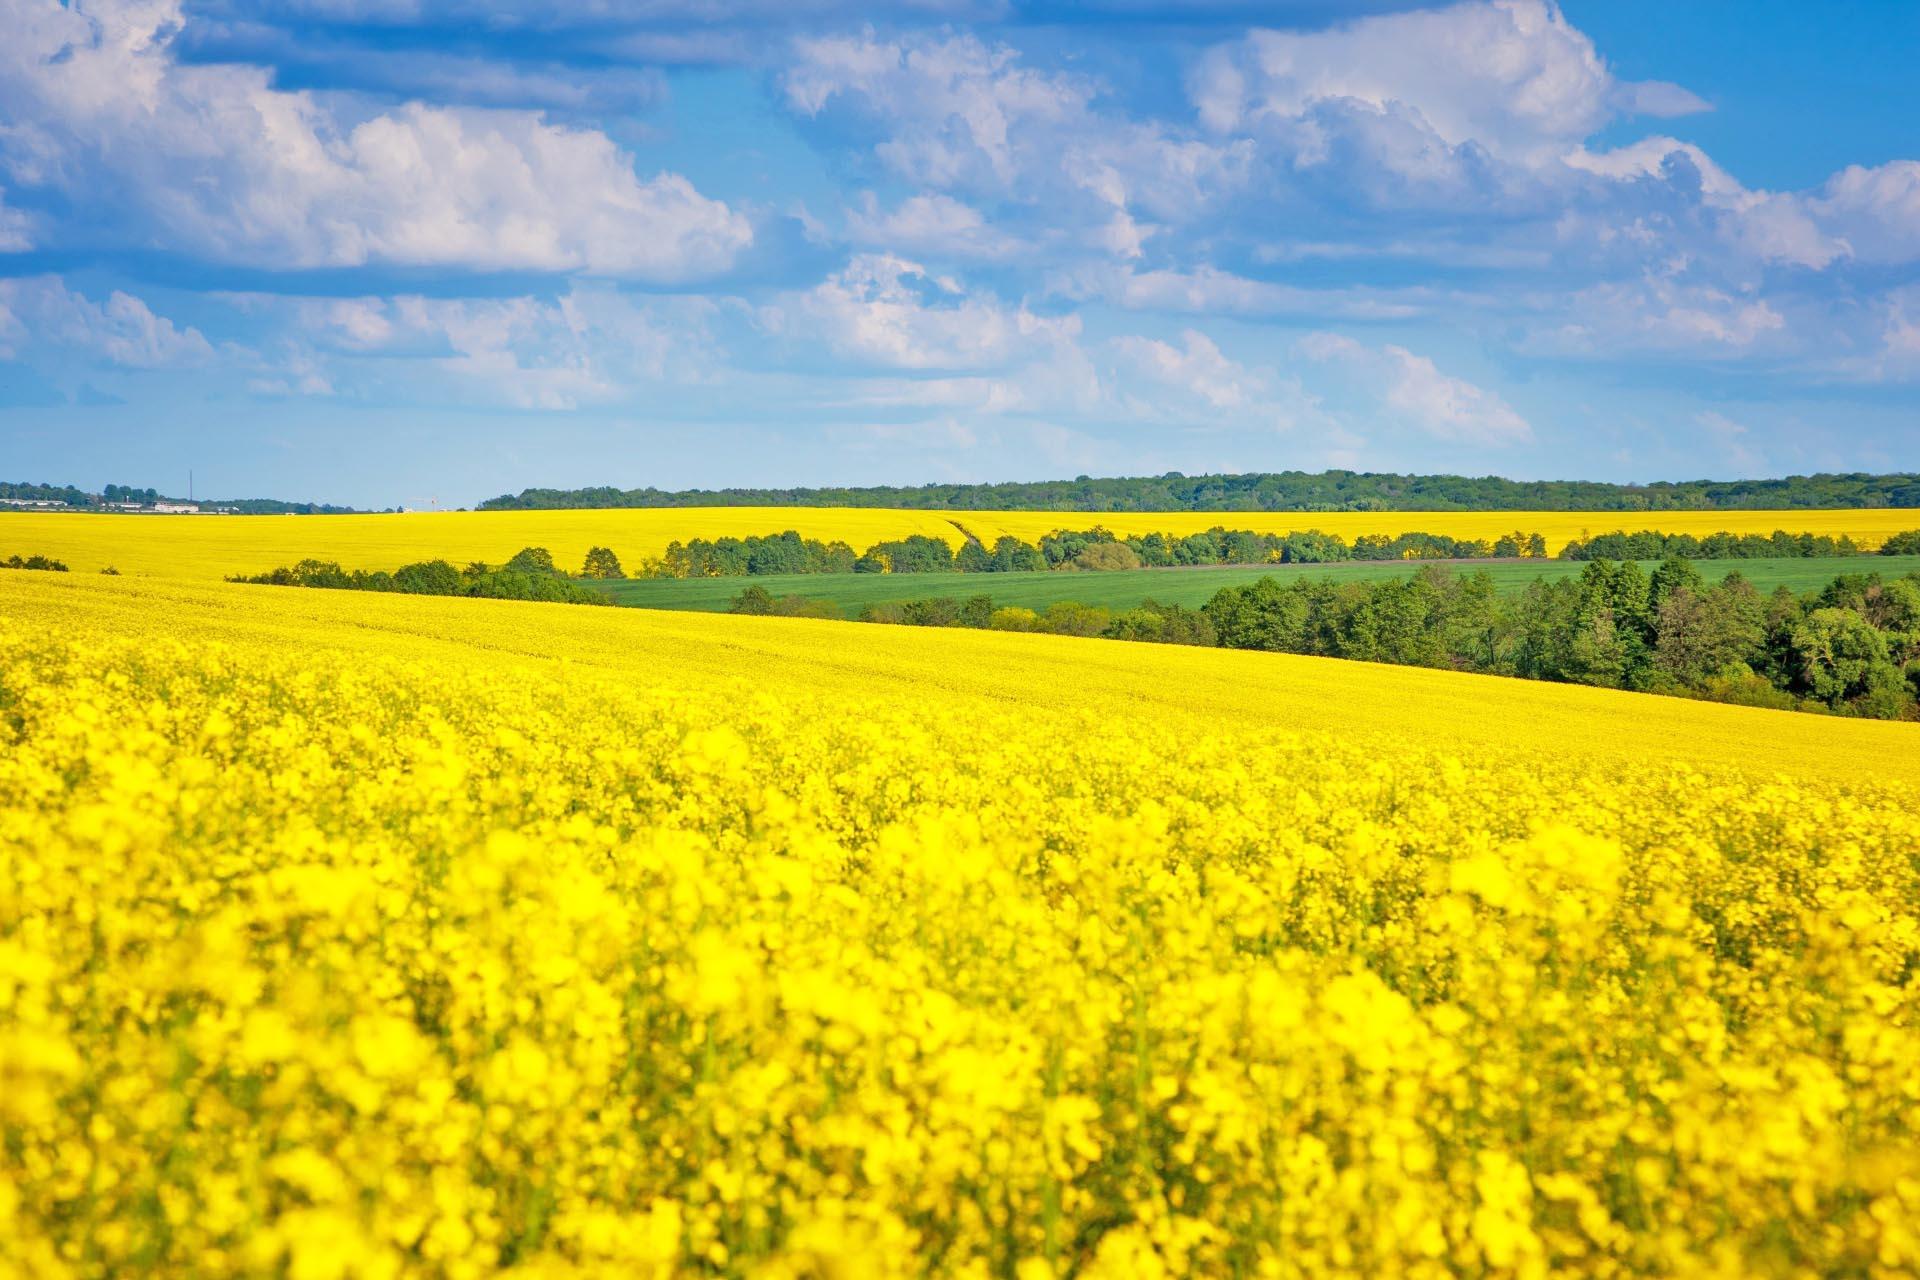 菜の花と青い空と白い雲 ウクライナの風景